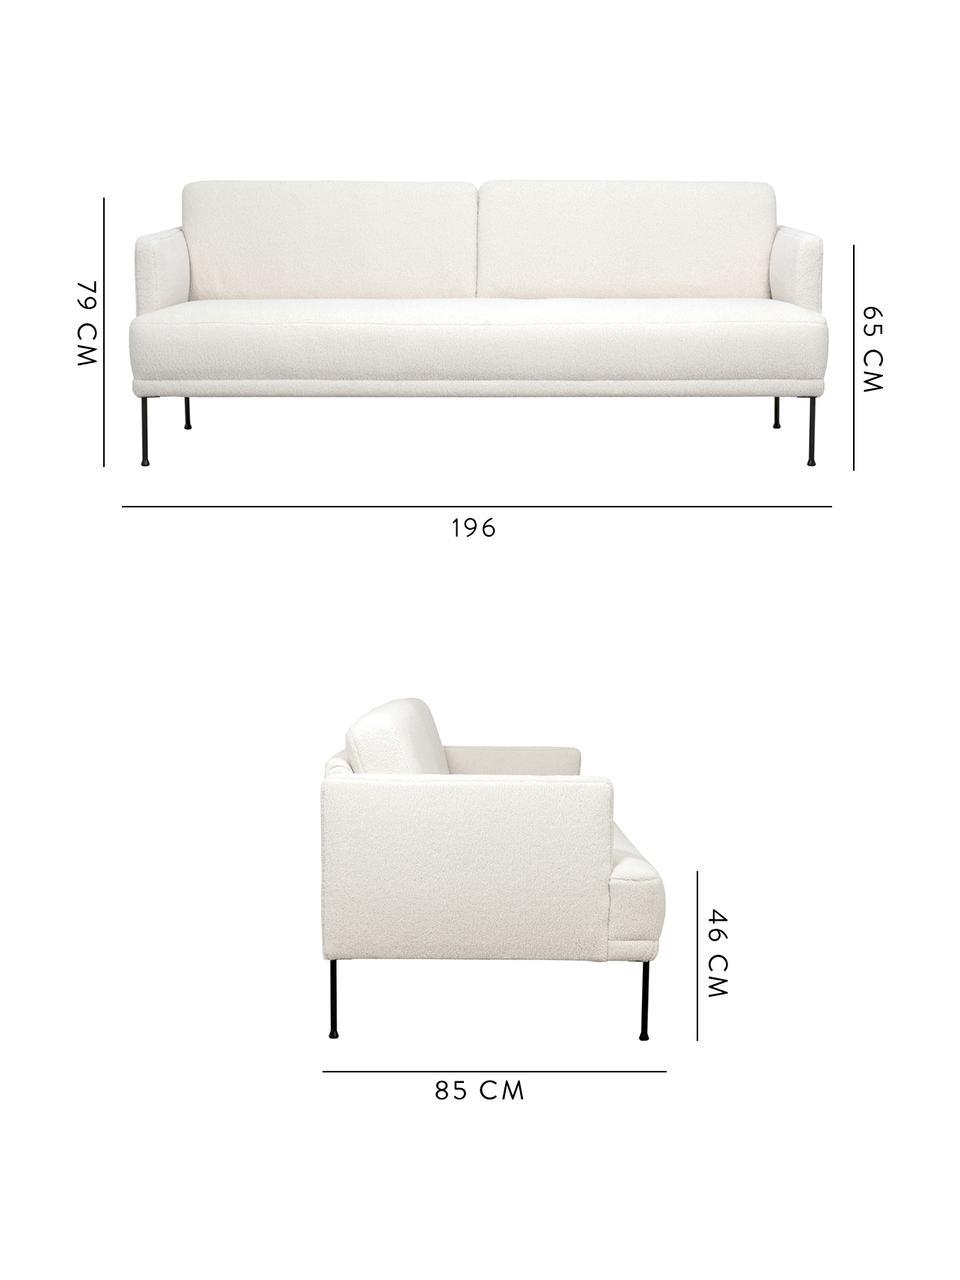 Teddy-Sofa Fluente (3-Sitzer) in Cremeweiß mit Metall-Füßen, Bezug: 100% Polyester (Teddyfell, Gestell: Massives Kiefernholz, Füße: Metall, pulverbeschichtet, Teddy Cremeweiß, B 196 x T 85 cm